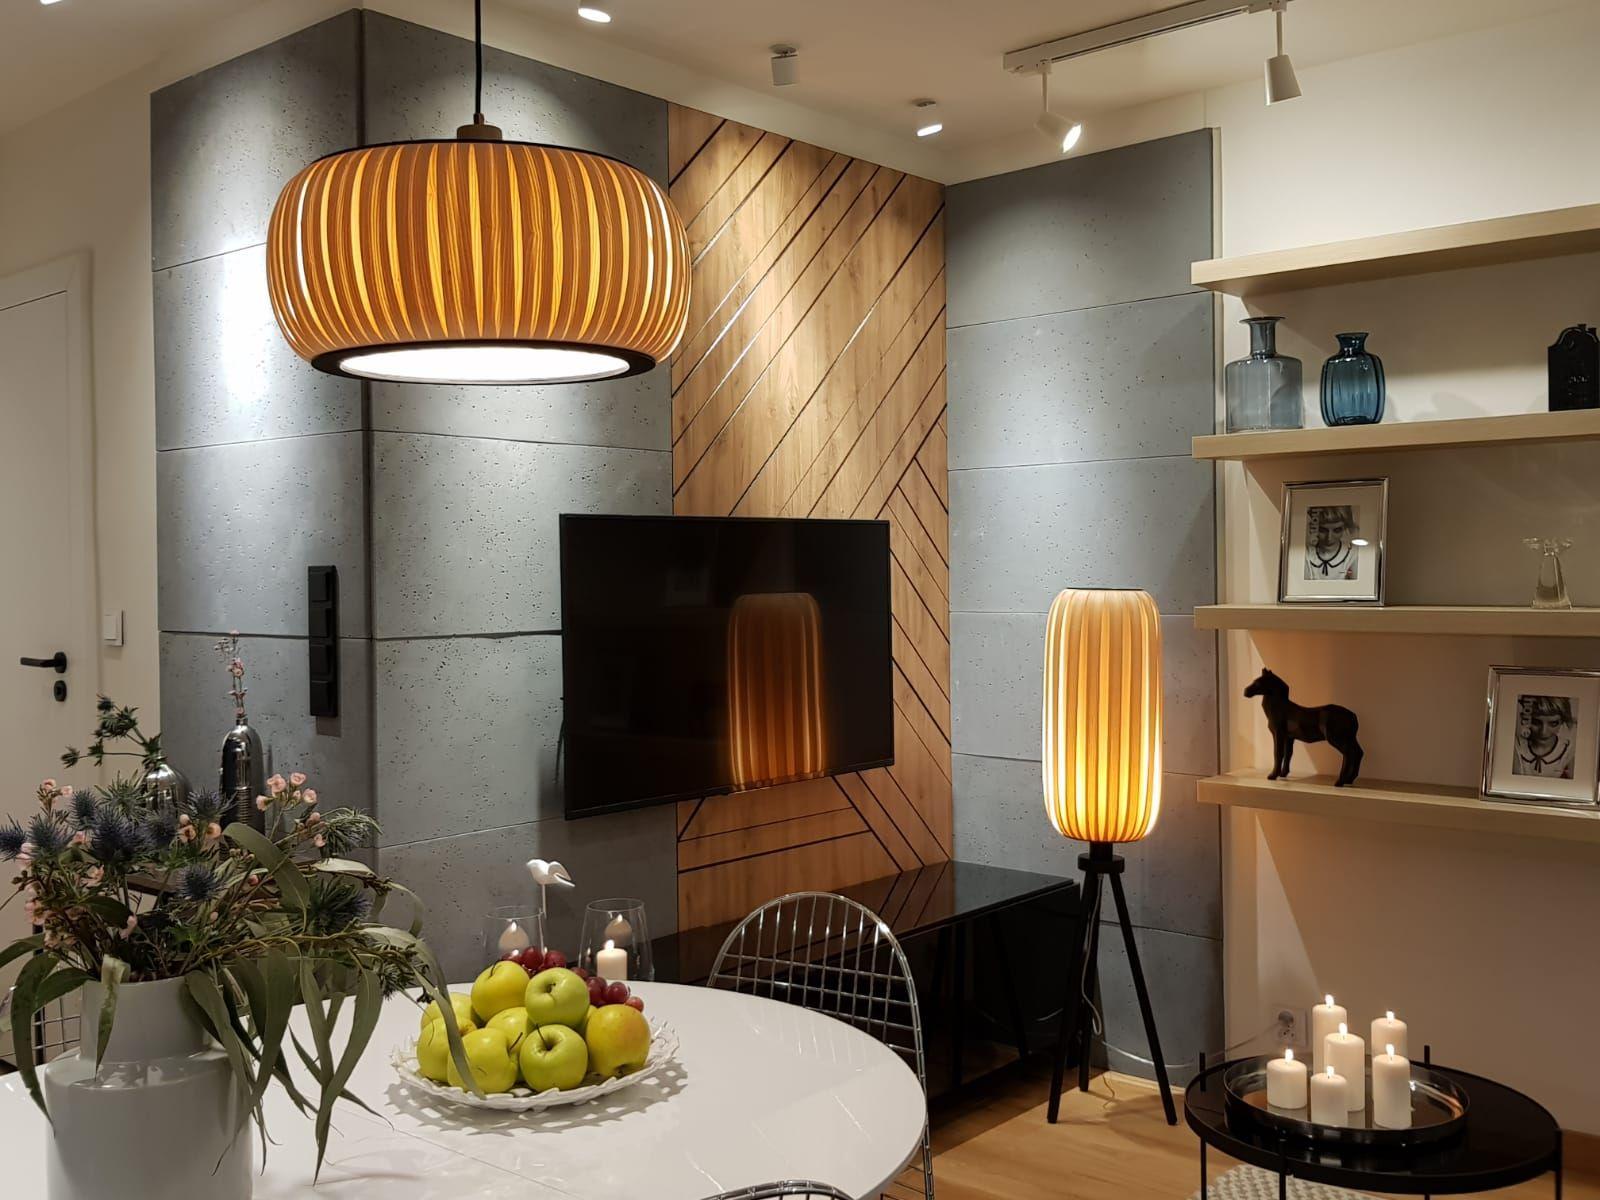 Lampy Z Drewna W Telewizji Home Decor Home Decor